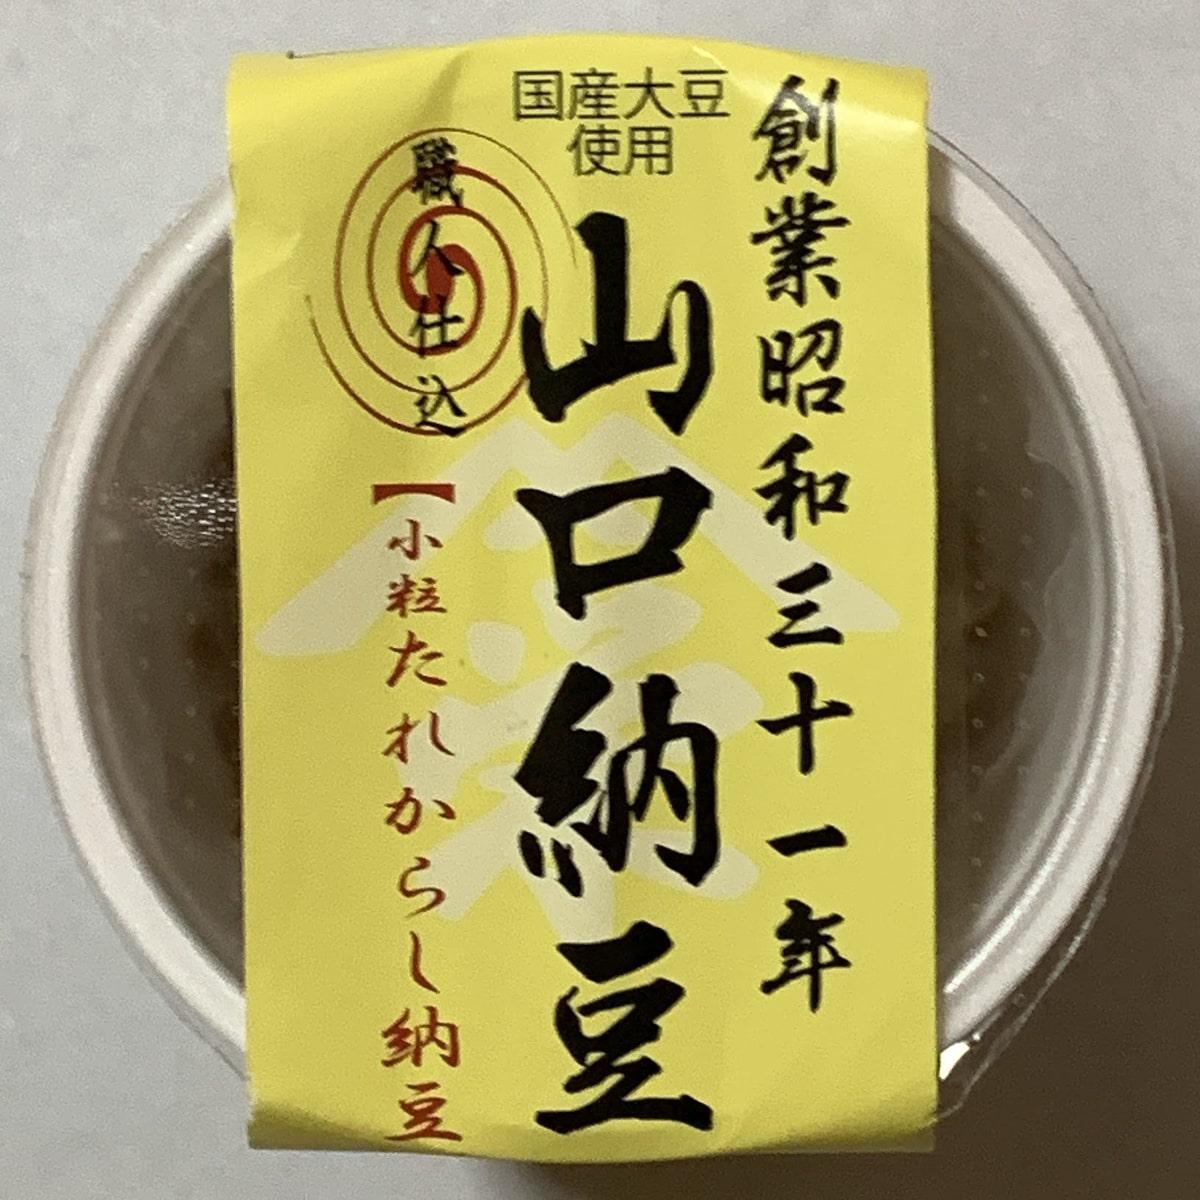 山口納豆「たれからし納豆」の上からの画像